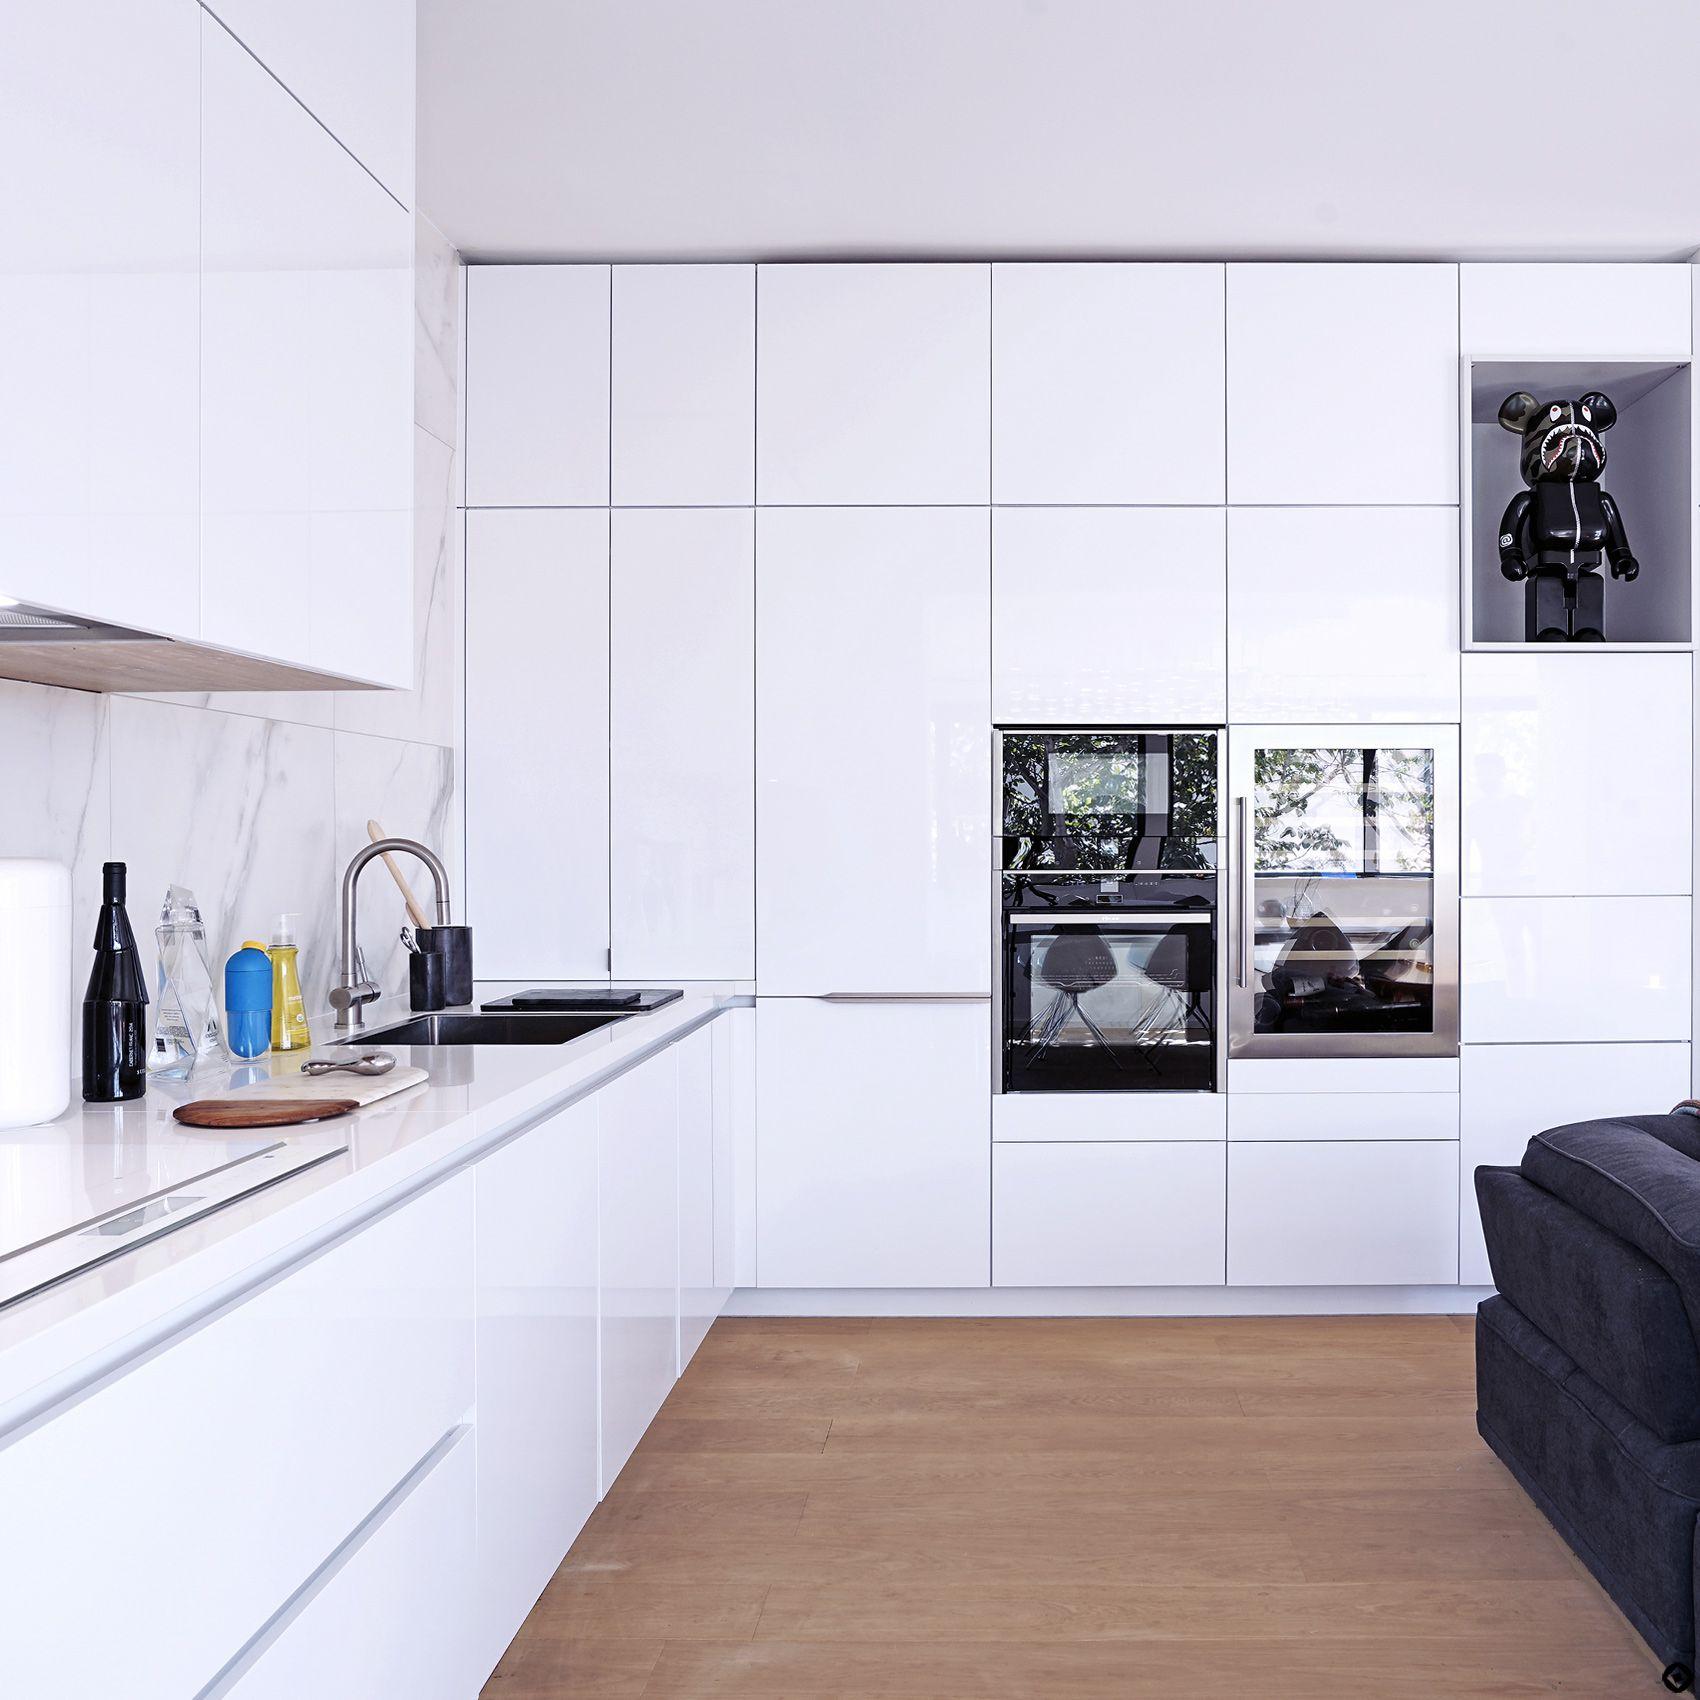 Joyanahome2 Cuisine Sur Mesure Schmidt En 2020 Cuisine Schmidt Cuisine Appartement Cuisine Sur Mesure